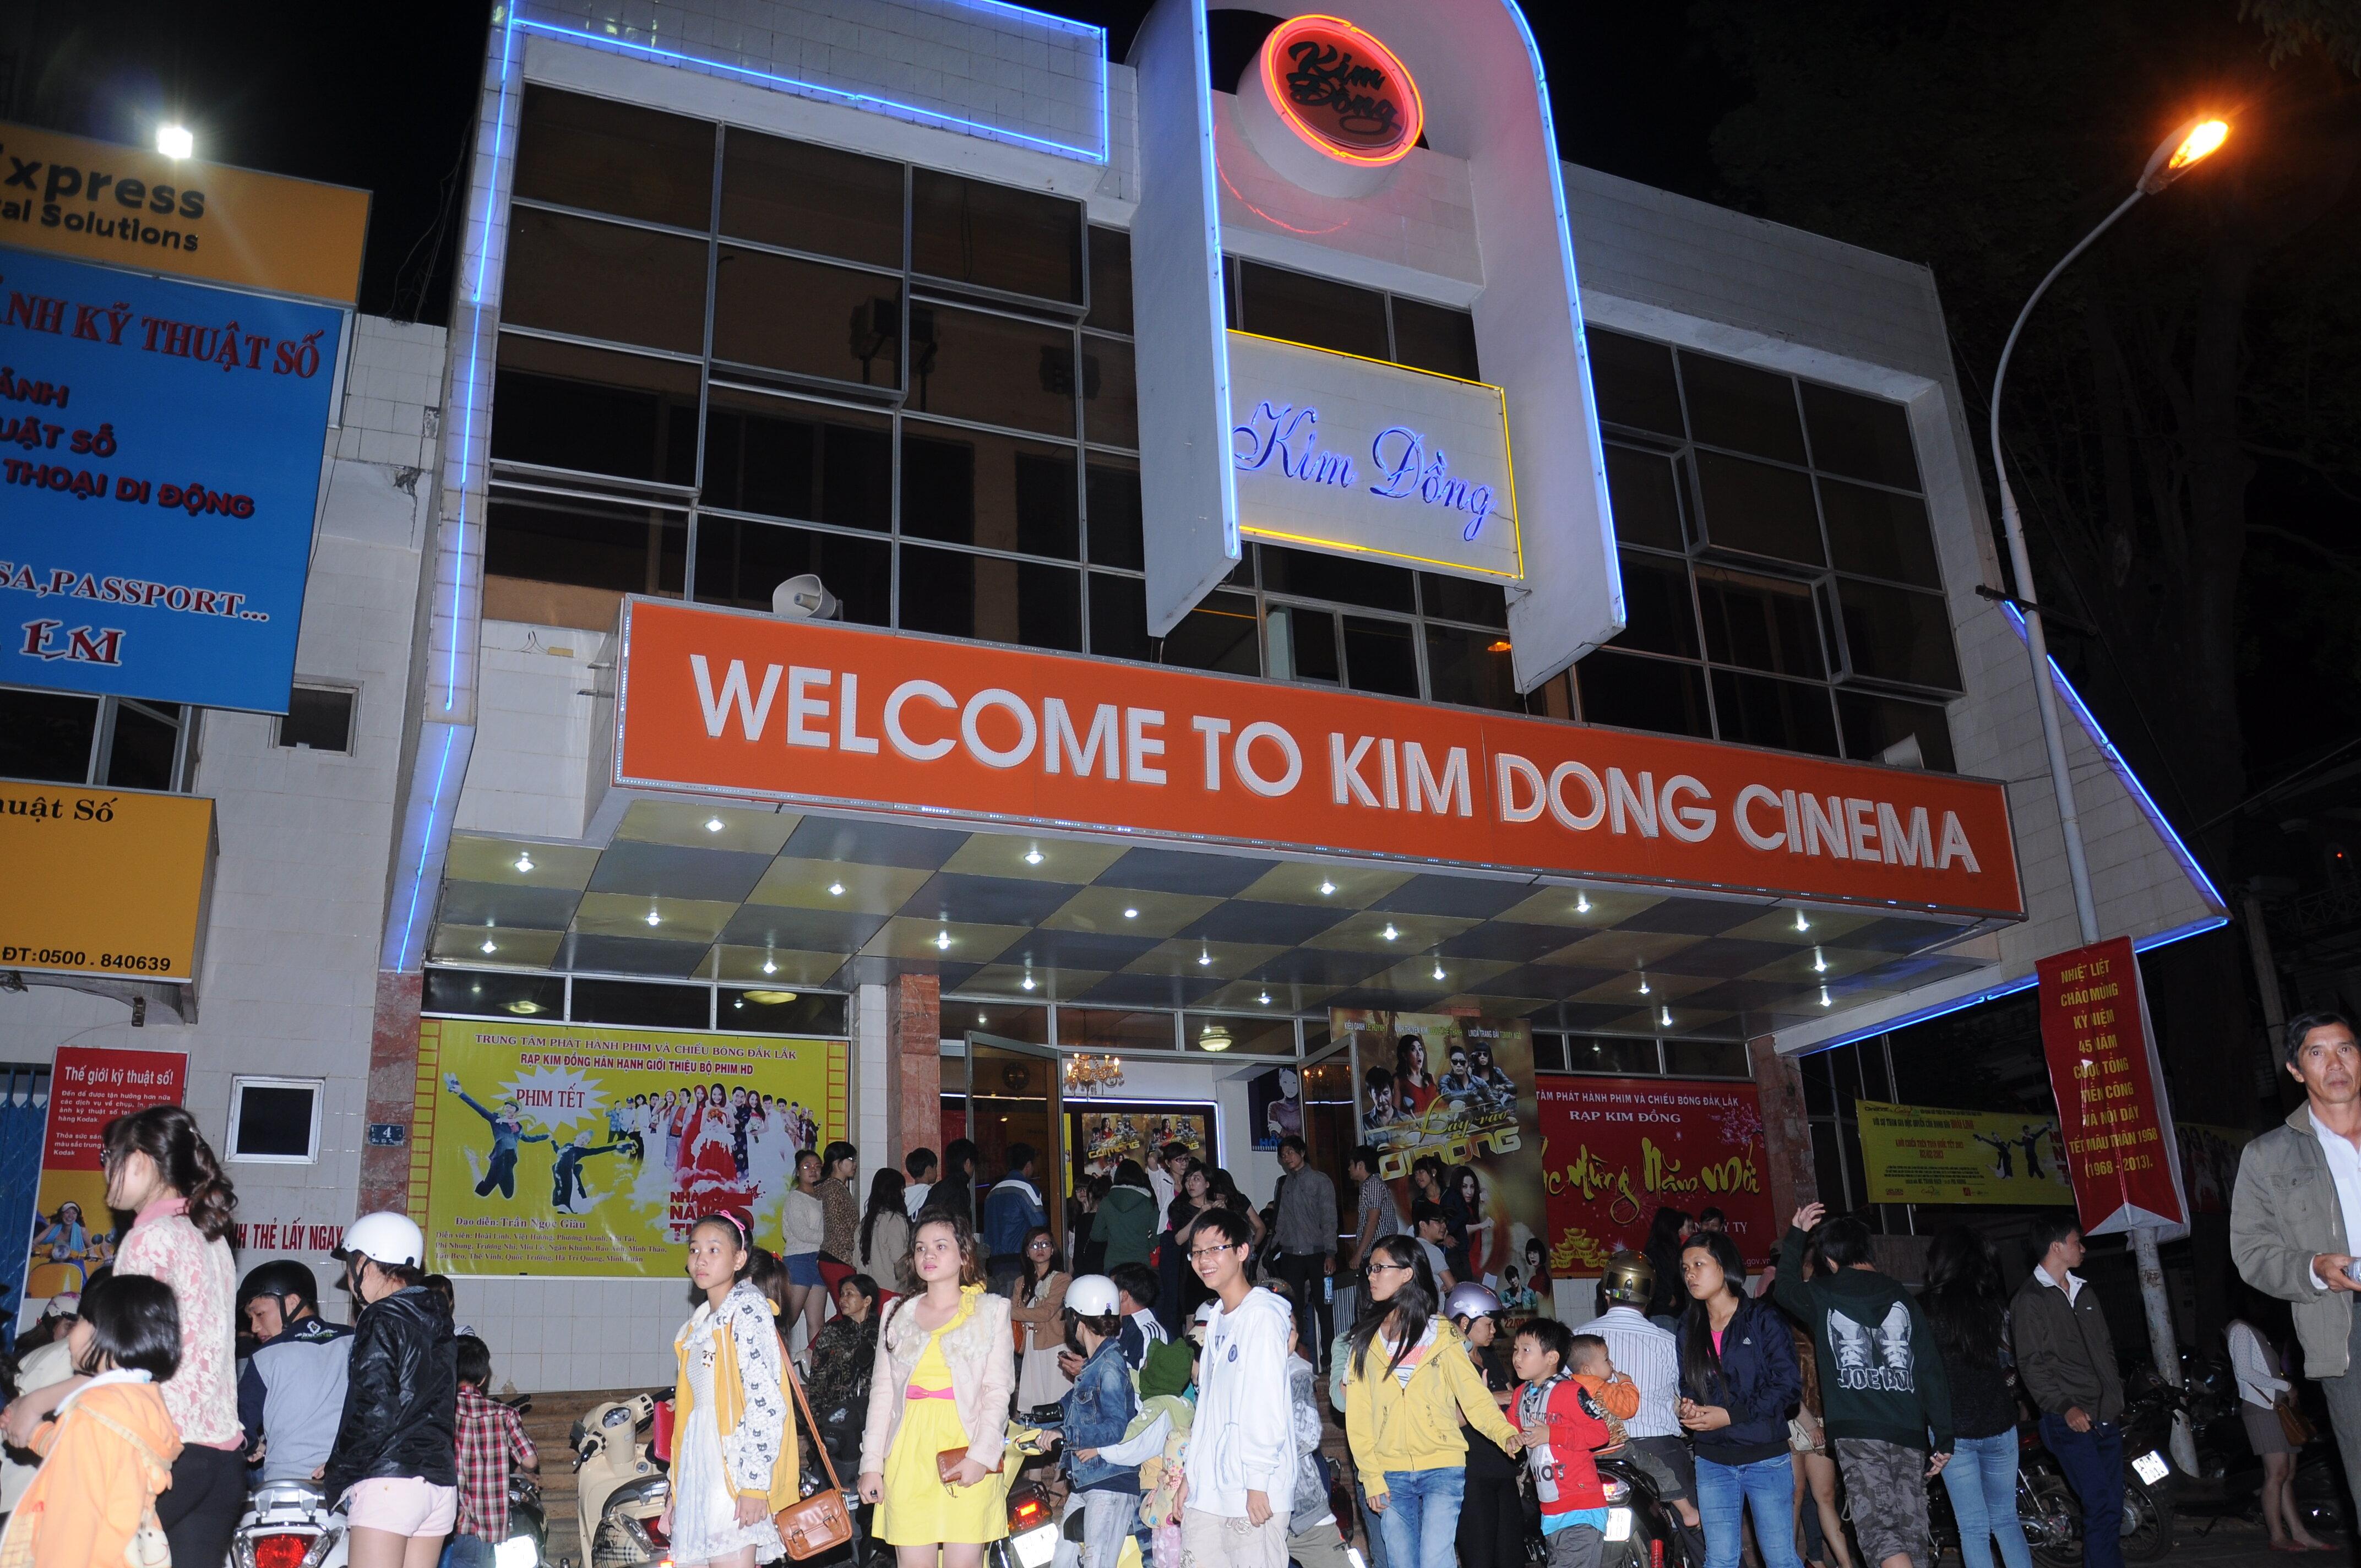 Giá vé xem phim rạp Kim Đồng năm 2016